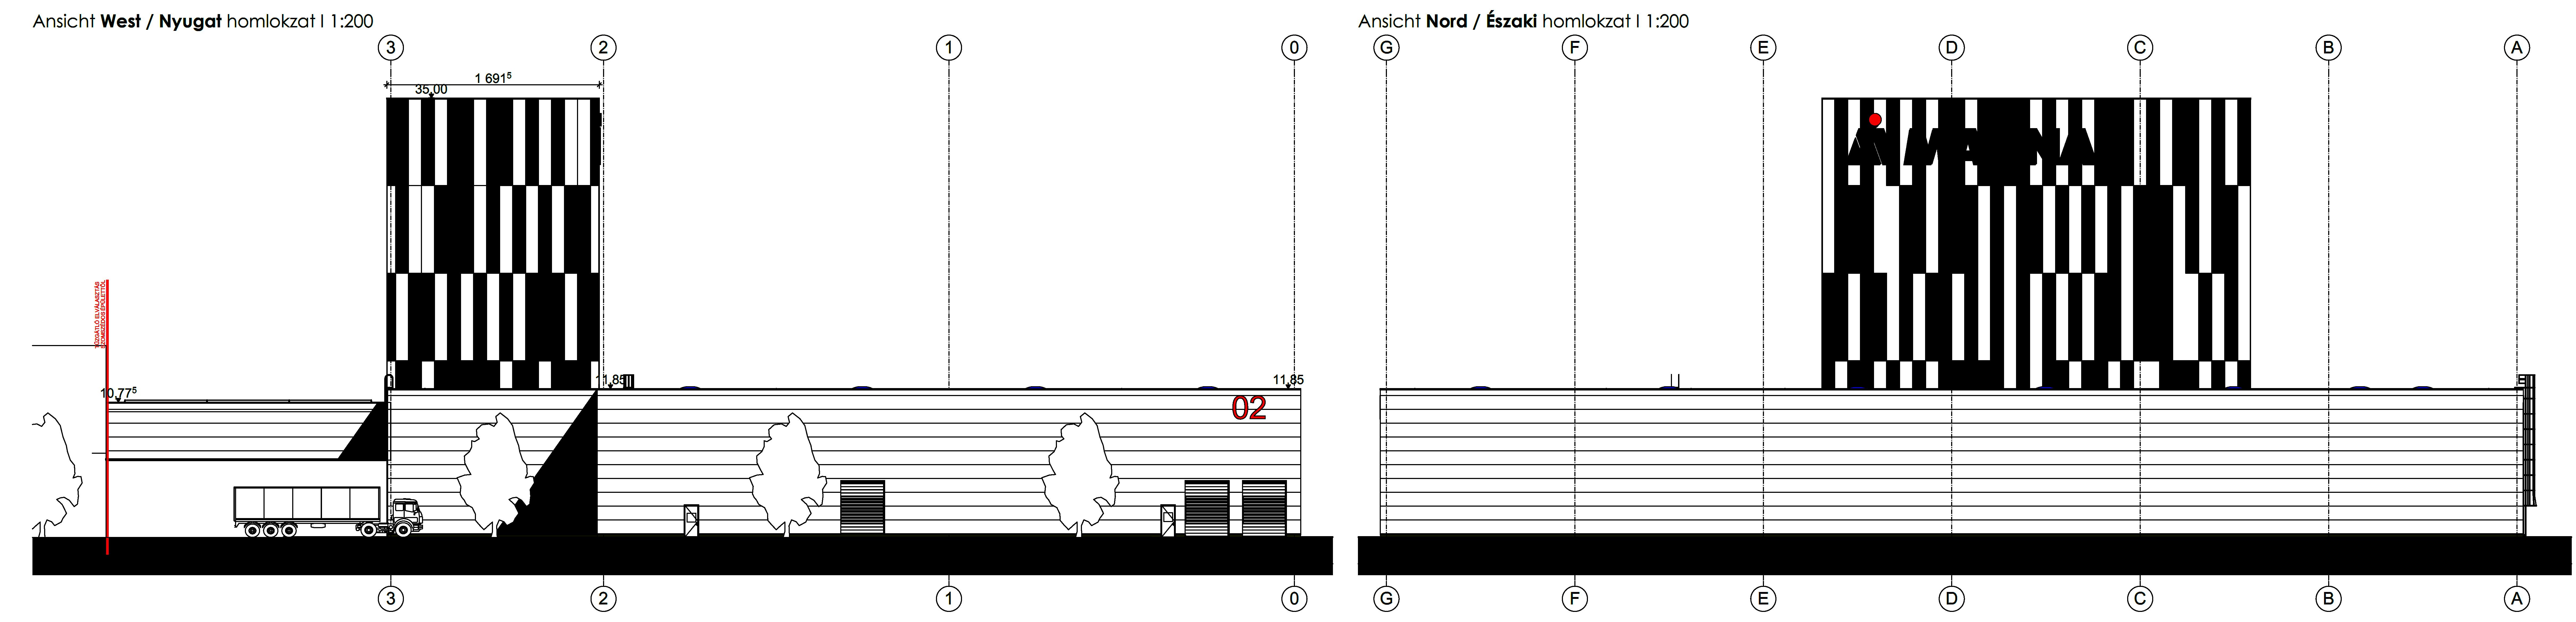 P-A-02-06 Homlokzatok_4